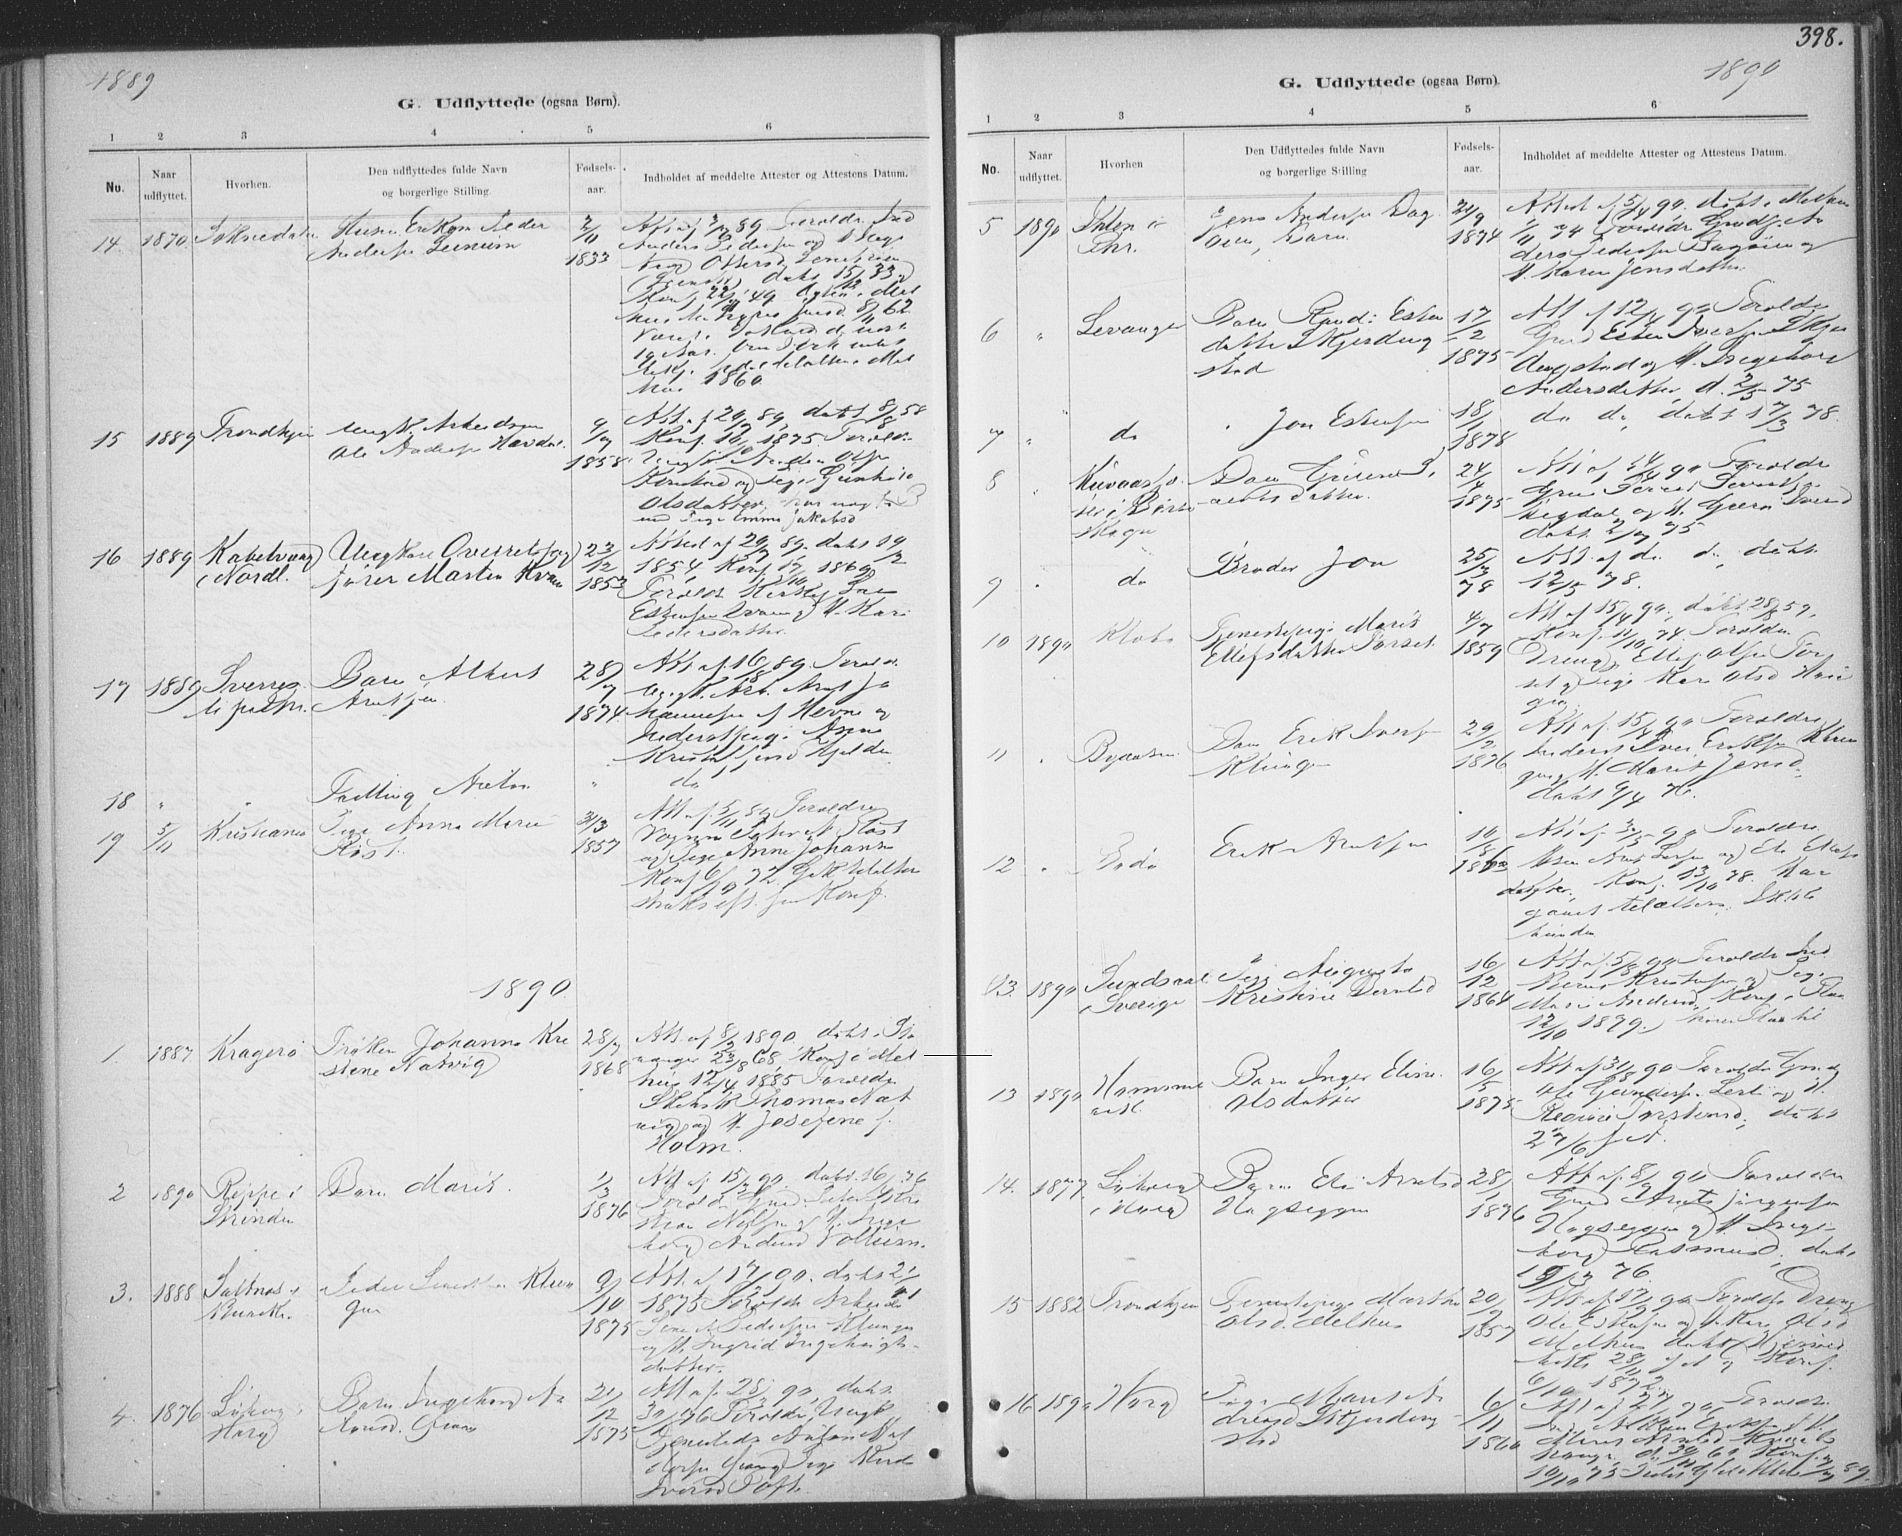 SAT, Ministerialprotokoller, klokkerbøker og fødselsregistre - Sør-Trøndelag, 691/L1085: Ministerialbok nr. 691A17, 1887-1908, s. 398